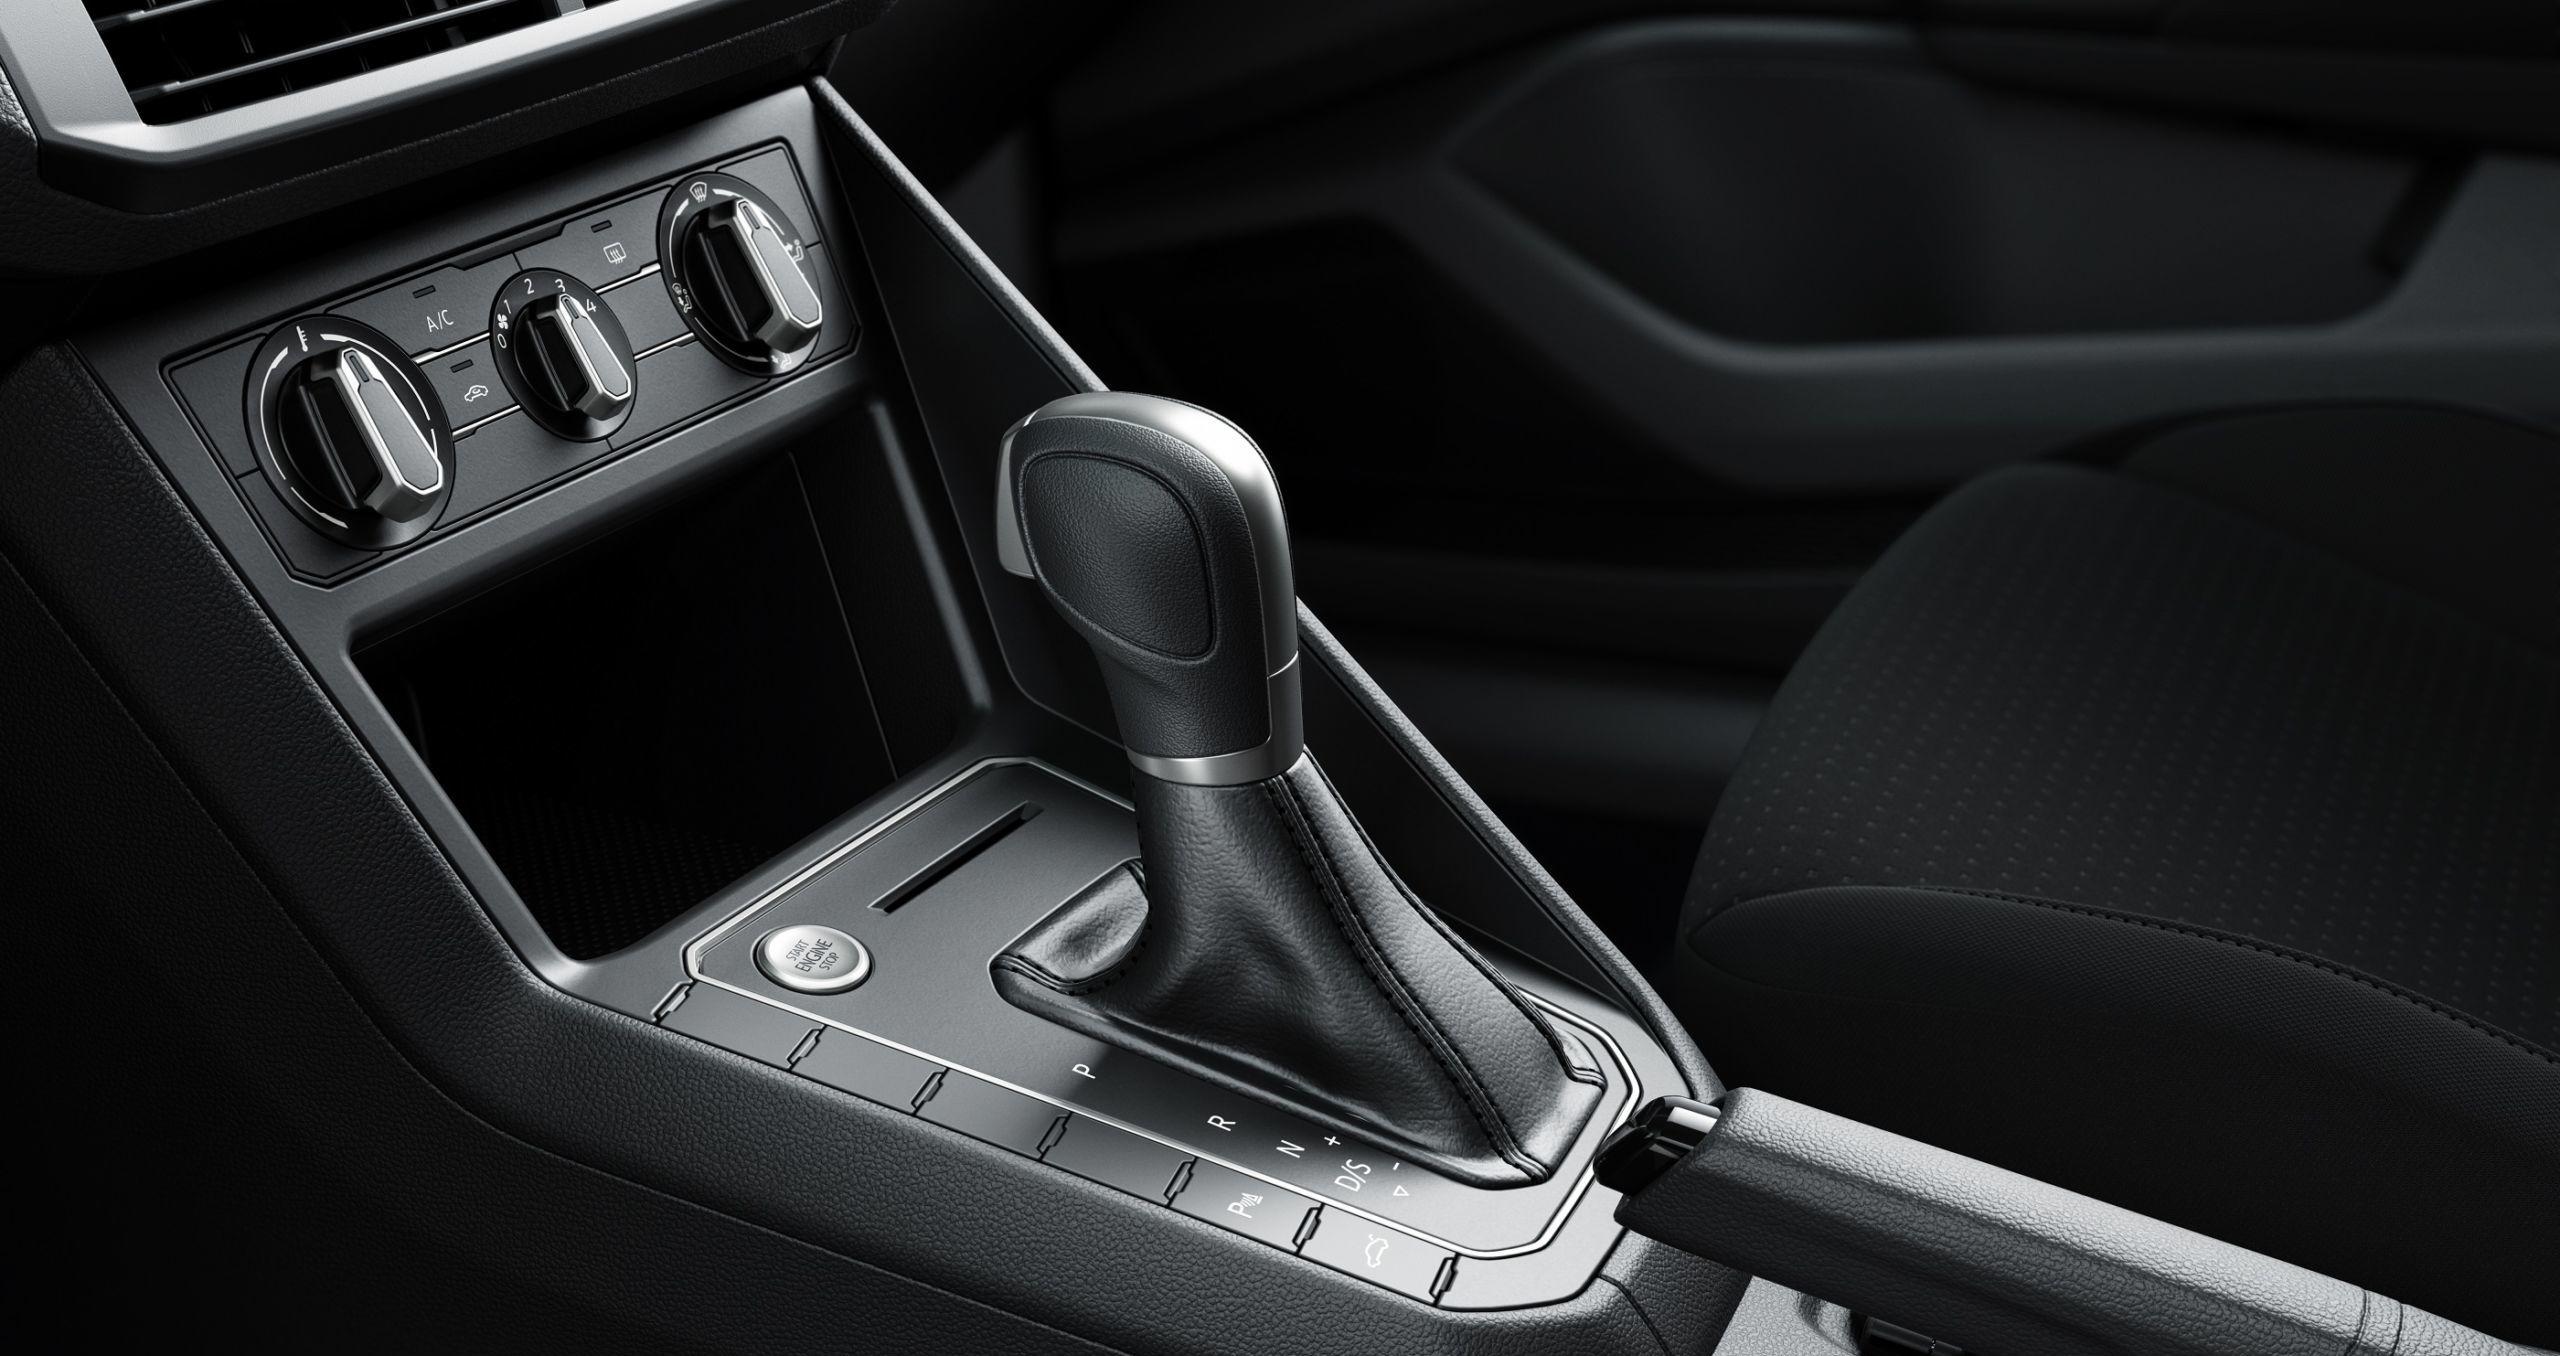 Existem diversos tipos de câmbio automático e automtizado entre os carros vendidos no Brasil, e conhecê-los vai te ajudar a escolher o melhor para você.